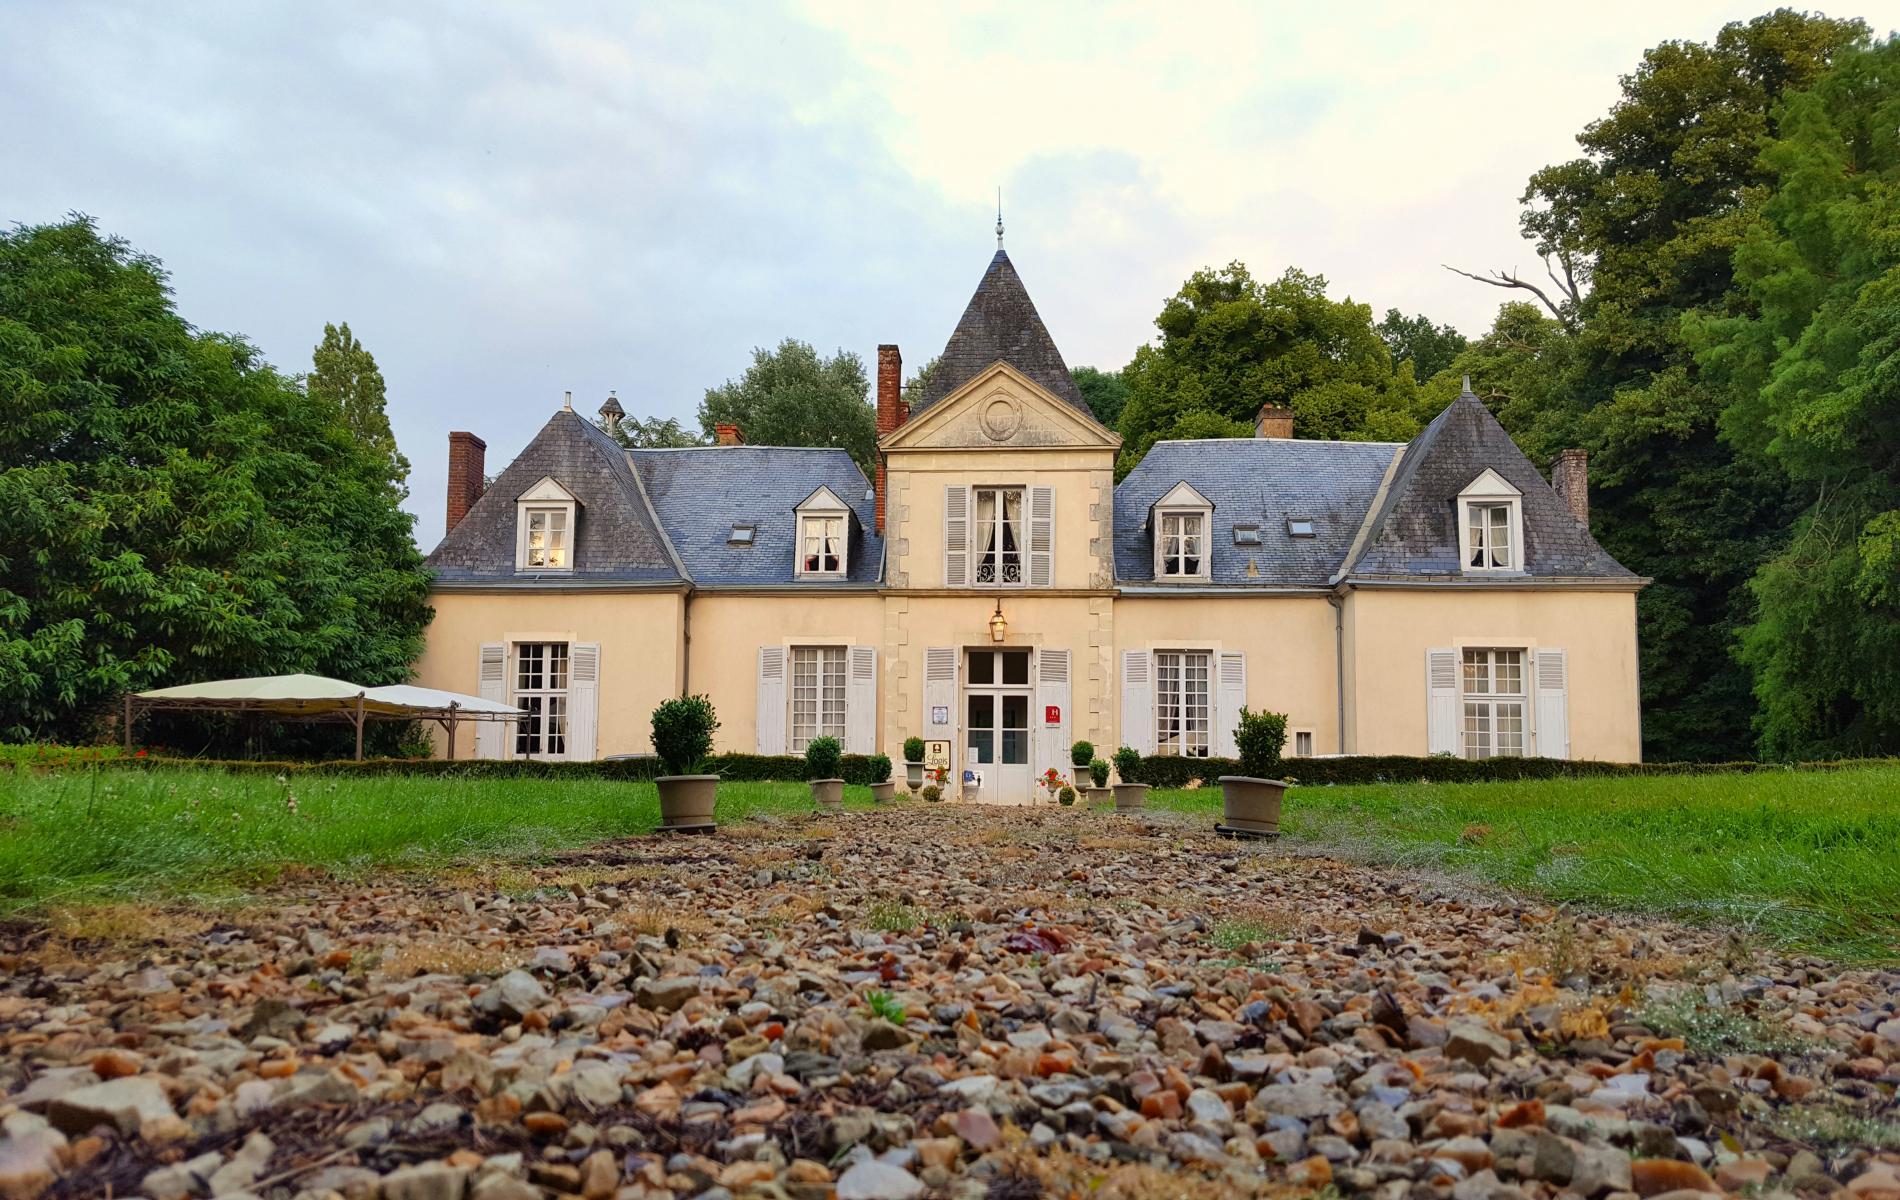 Maison familiale du 18ème siècle